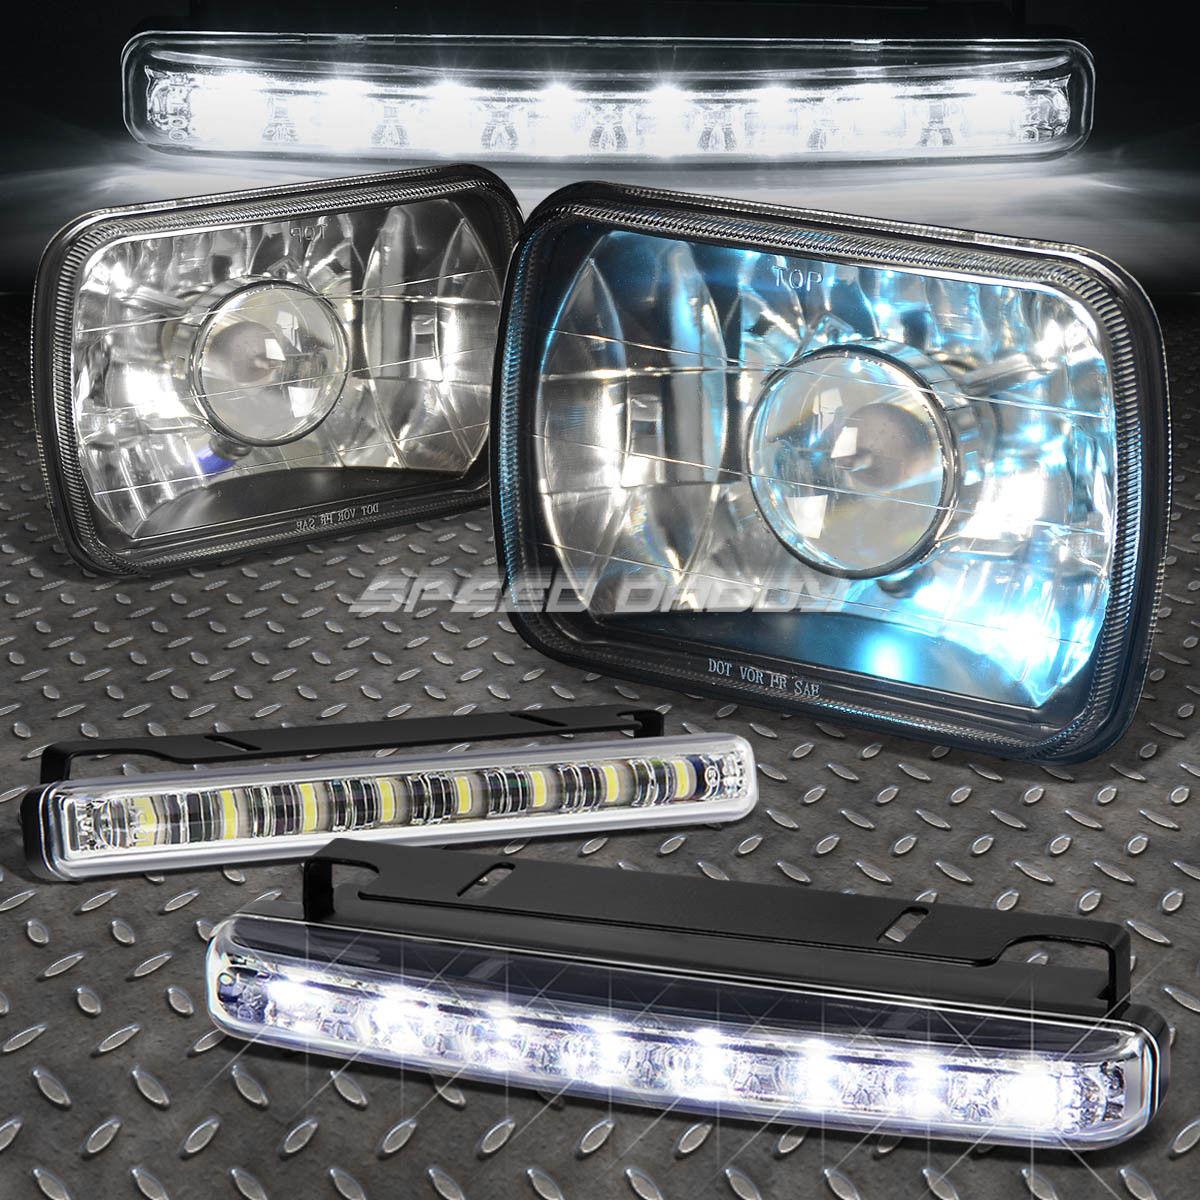 フォグライト 7x6 H6014 SQUARE PROJECTOR BLACK HOUSING HEADLIGHT+H4 HALOGEN BULB+LED FOG LIGHT 7x6 H6014スクエアプロジェクターブラックハウジングヘッドライト+ H4ハロゲンバルブ+ LEDフォグライト